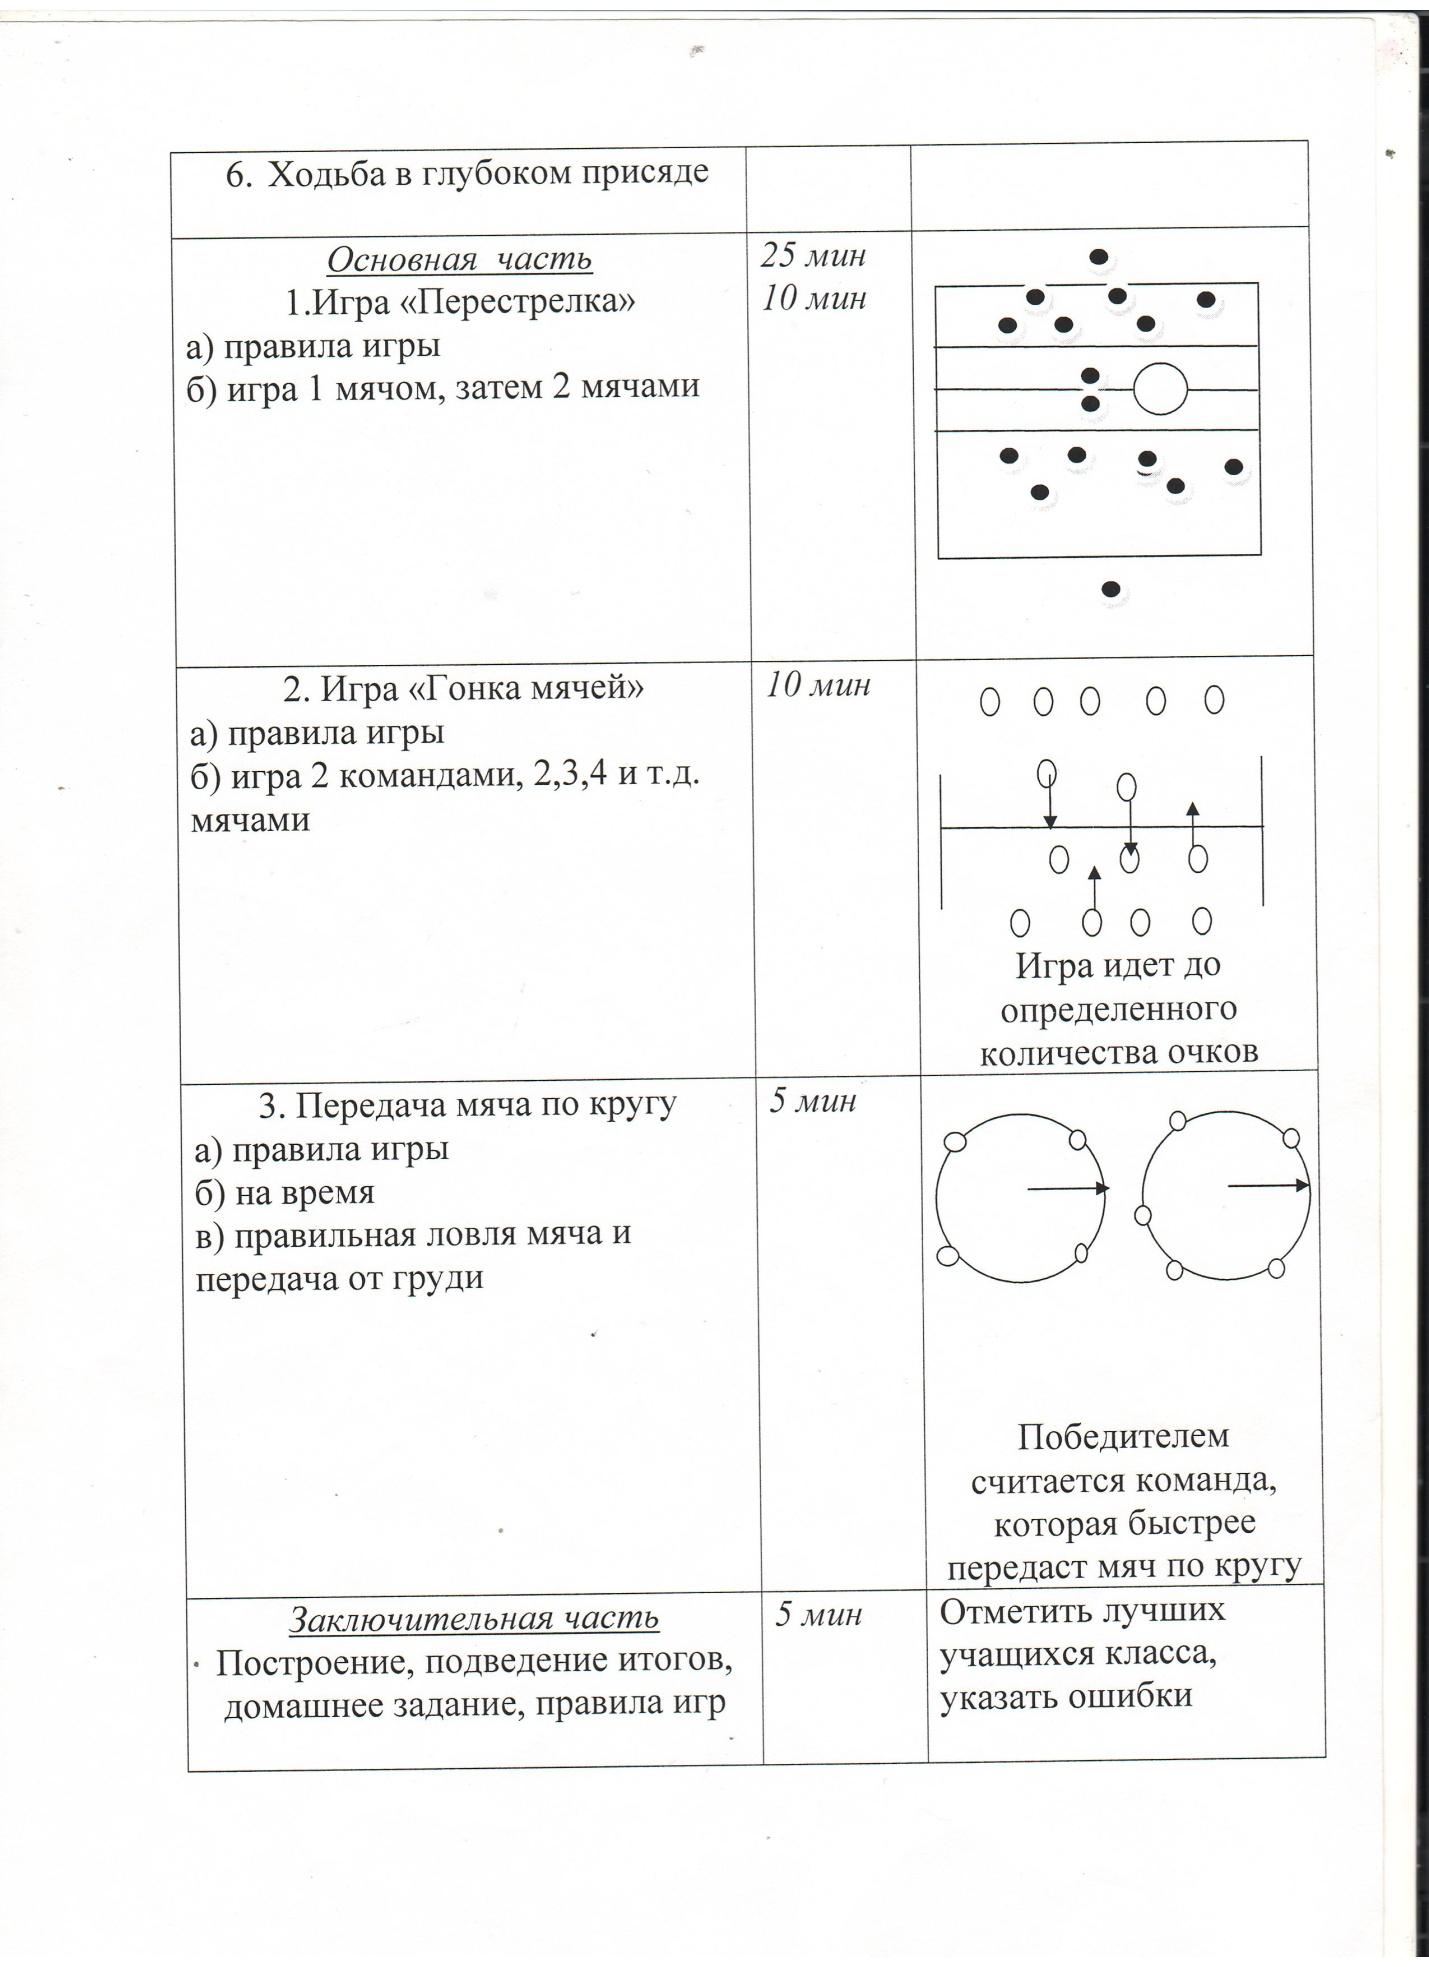 F:\фото и урок по волейболу\scan 4.jpg